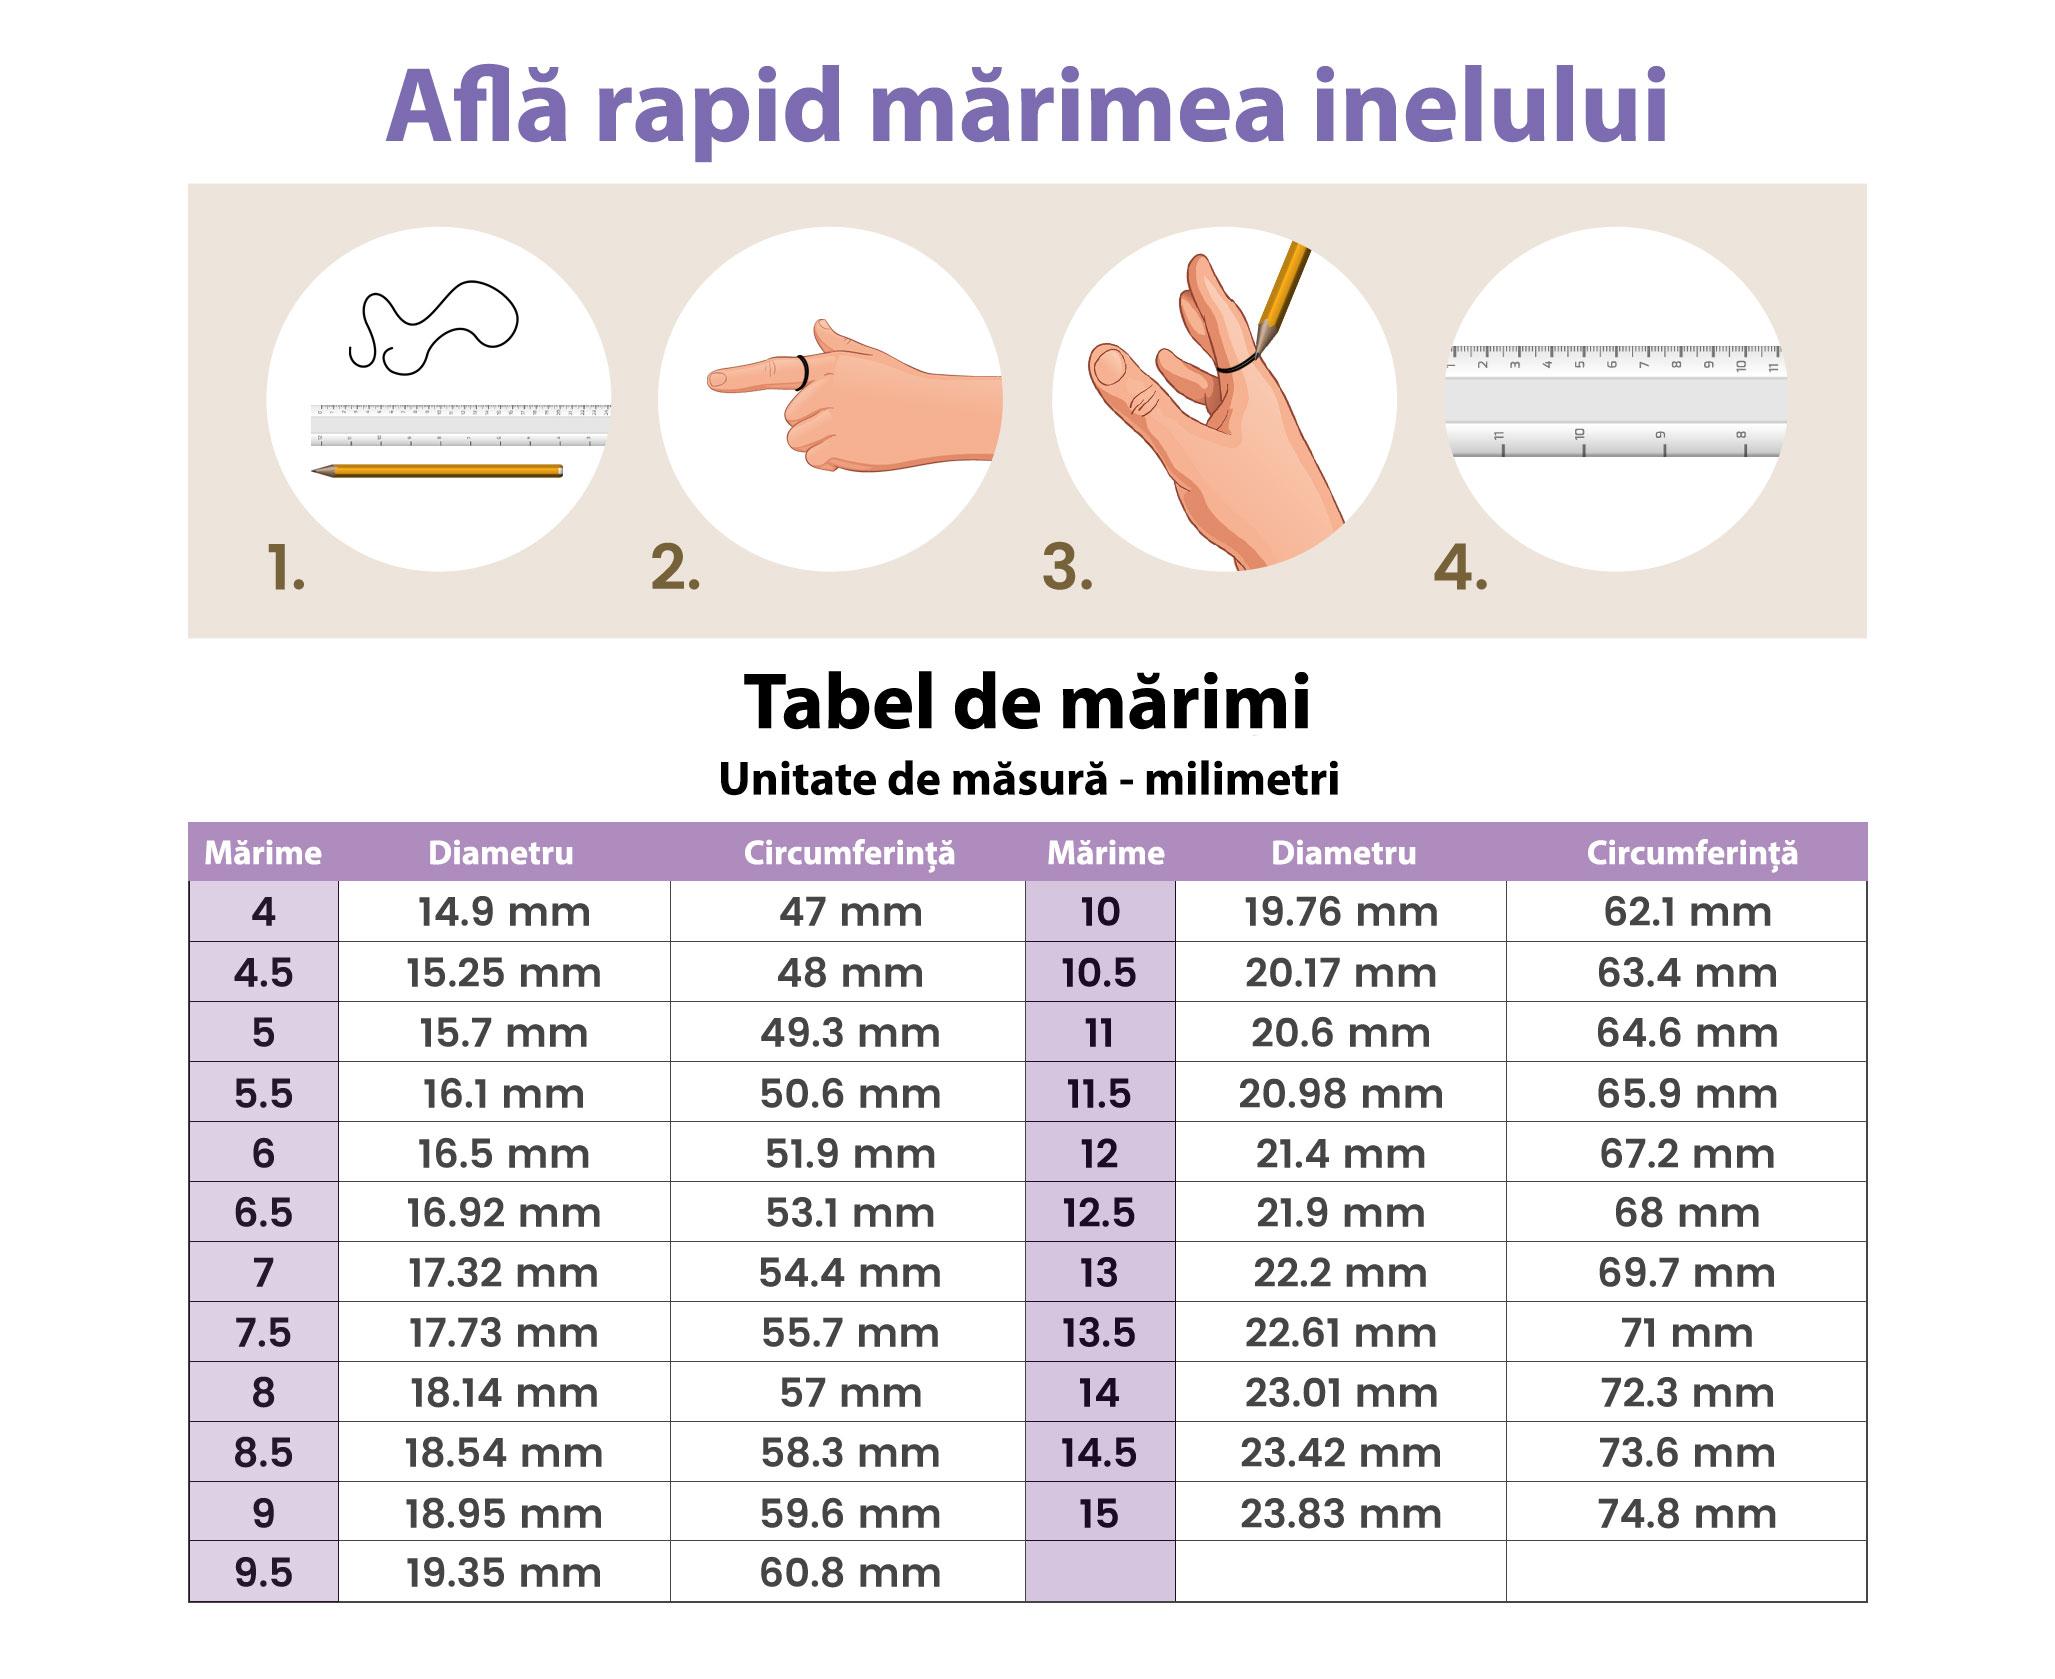 Tabel masuratori inel